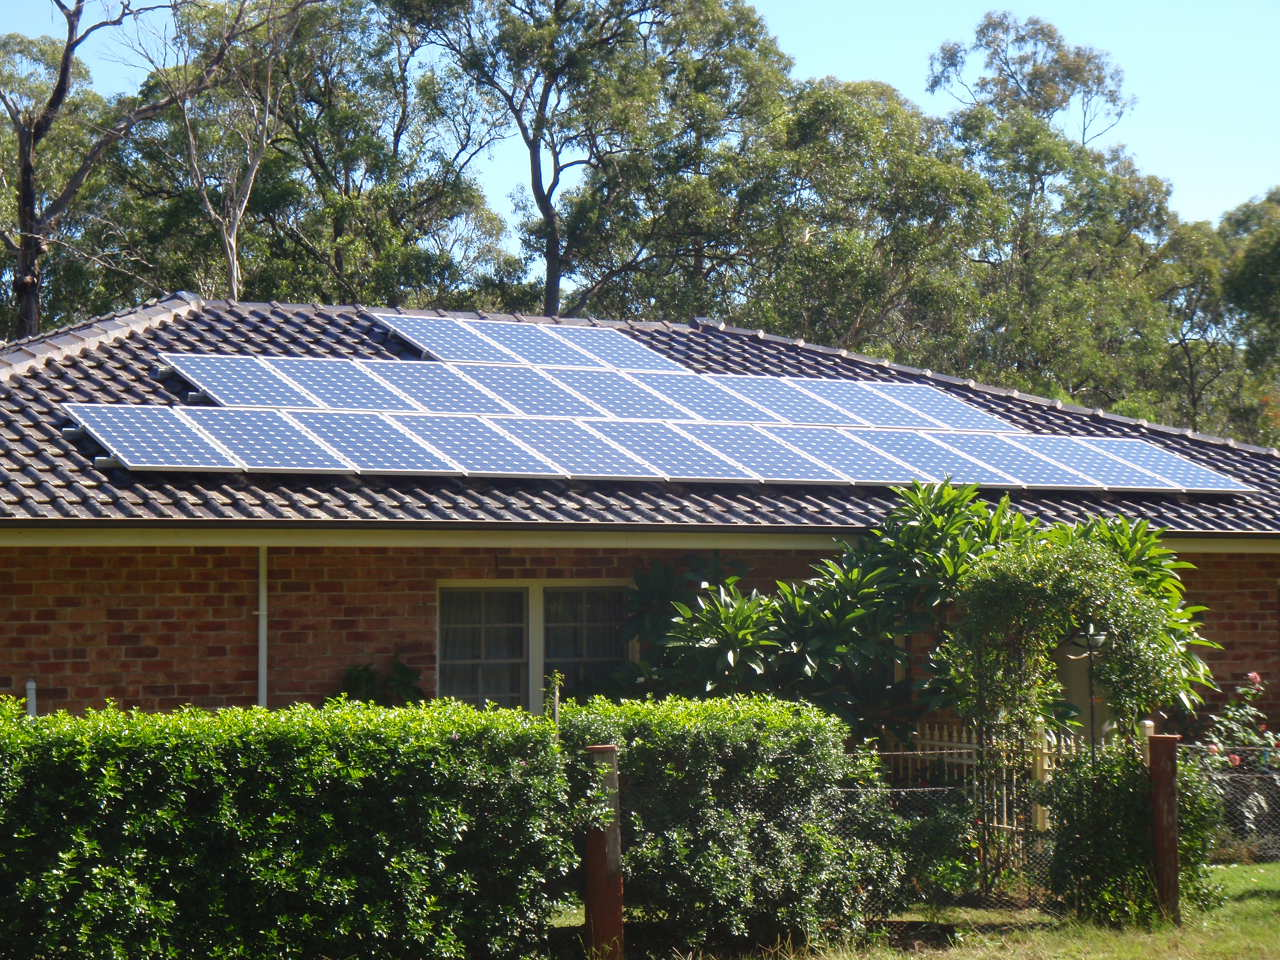 Instalación solar en casa SPGG.jpg